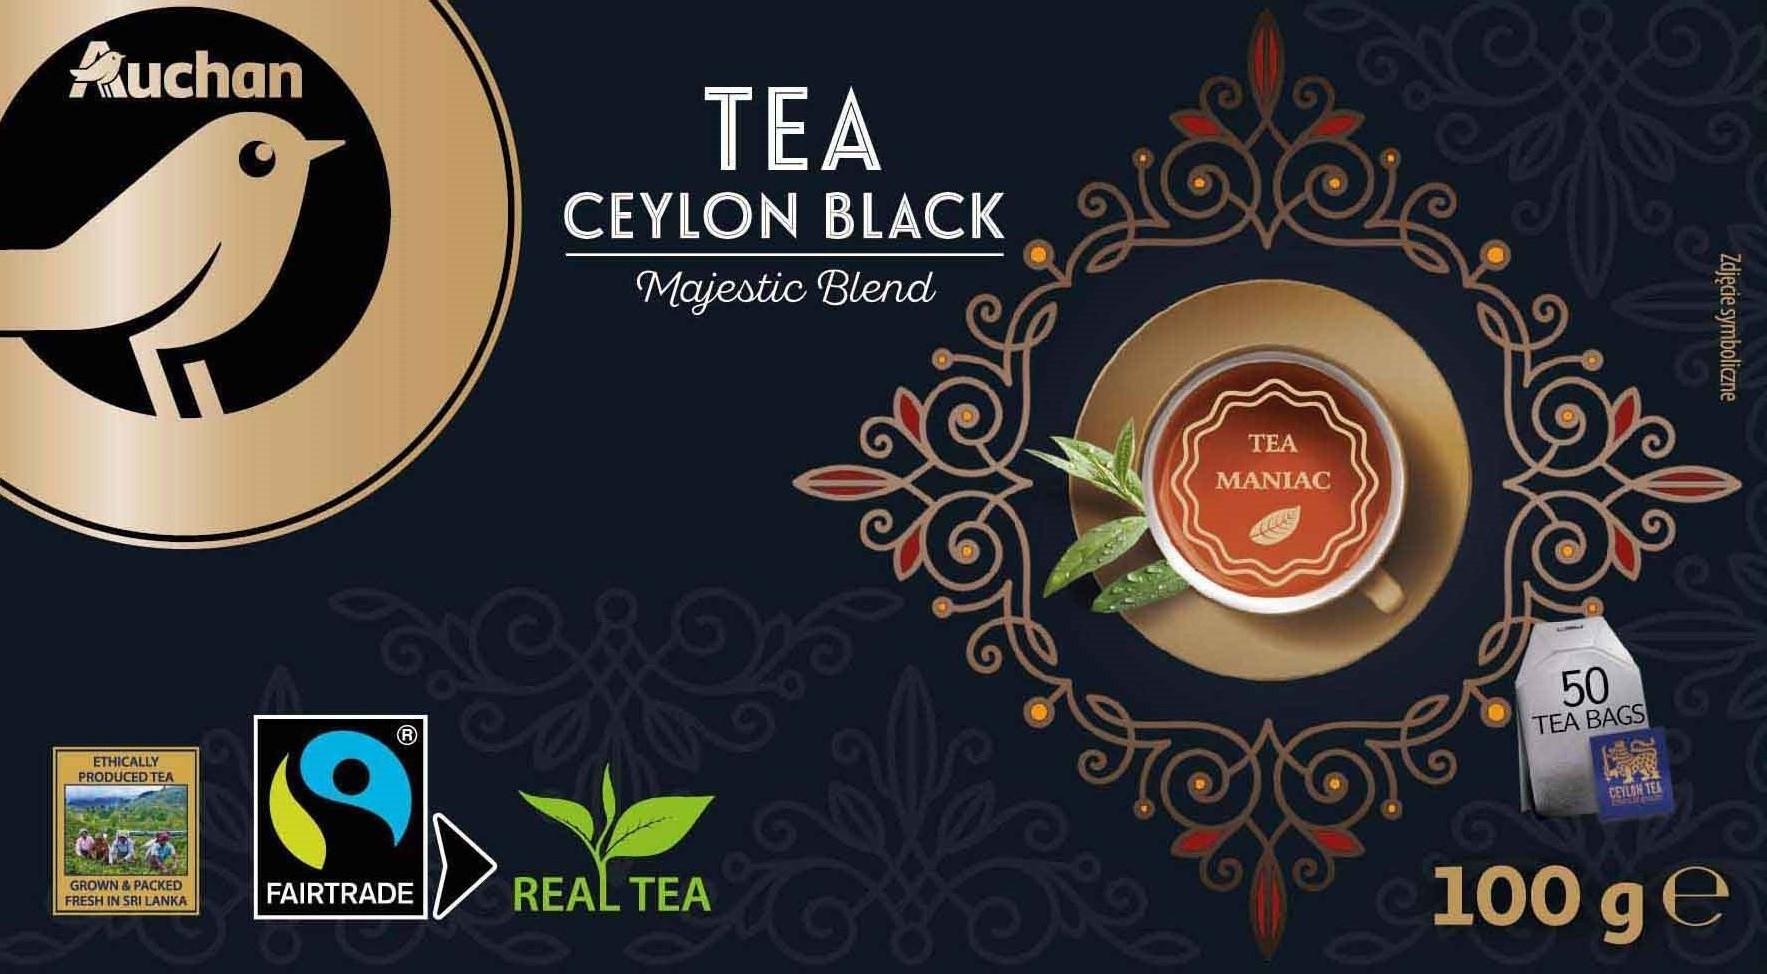 Tea Ceylon Black